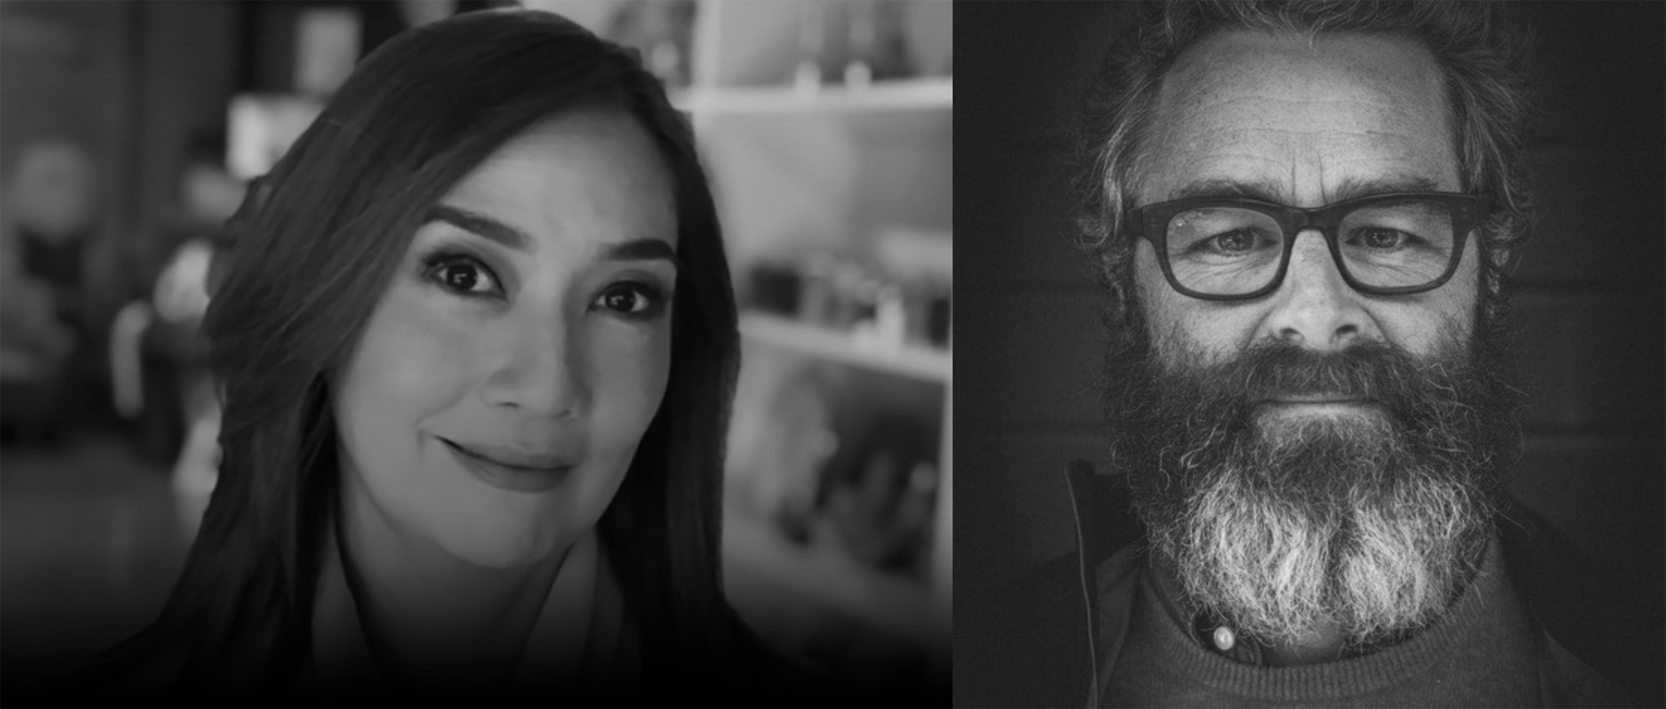 Spikes asia names Jury Presidents including Nick Law, Debbi Vandeven, Sheung Yan Lo, Merlee Jayme, Josy Paul + Yang Yeo